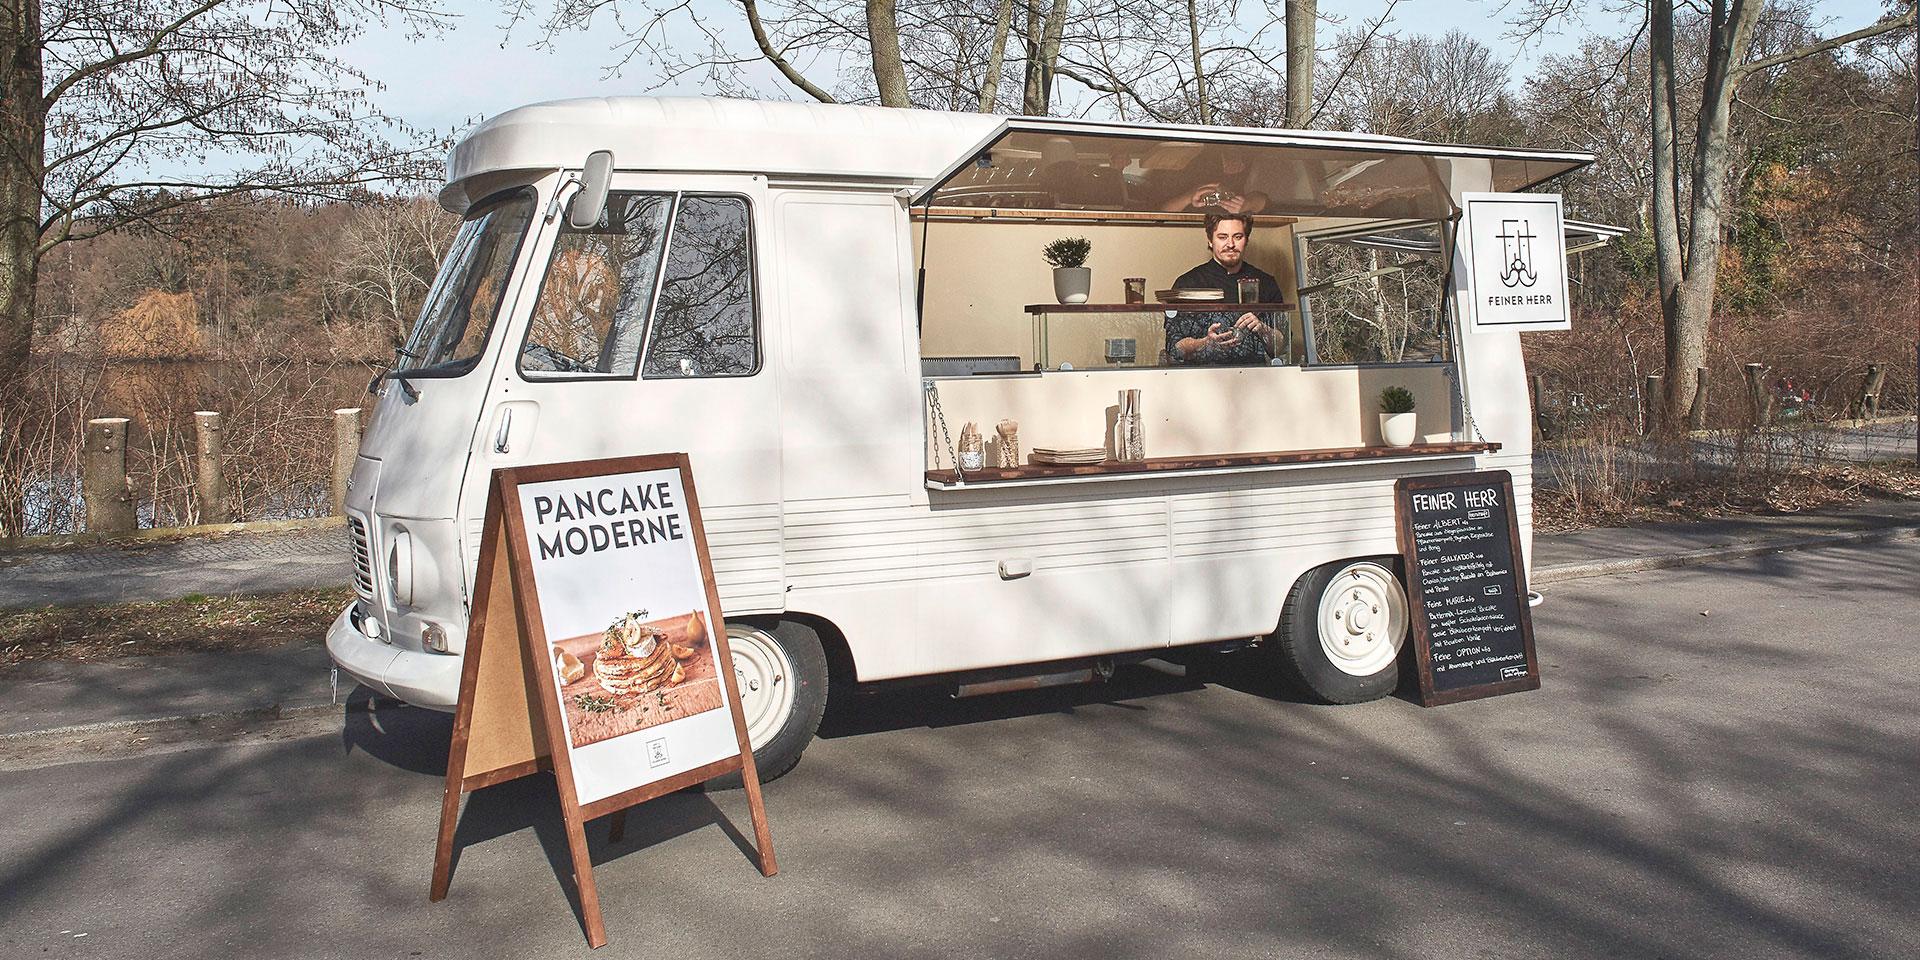 Pfannkuchen neu interpretiert – Pancake Moderne von FEINER HERR